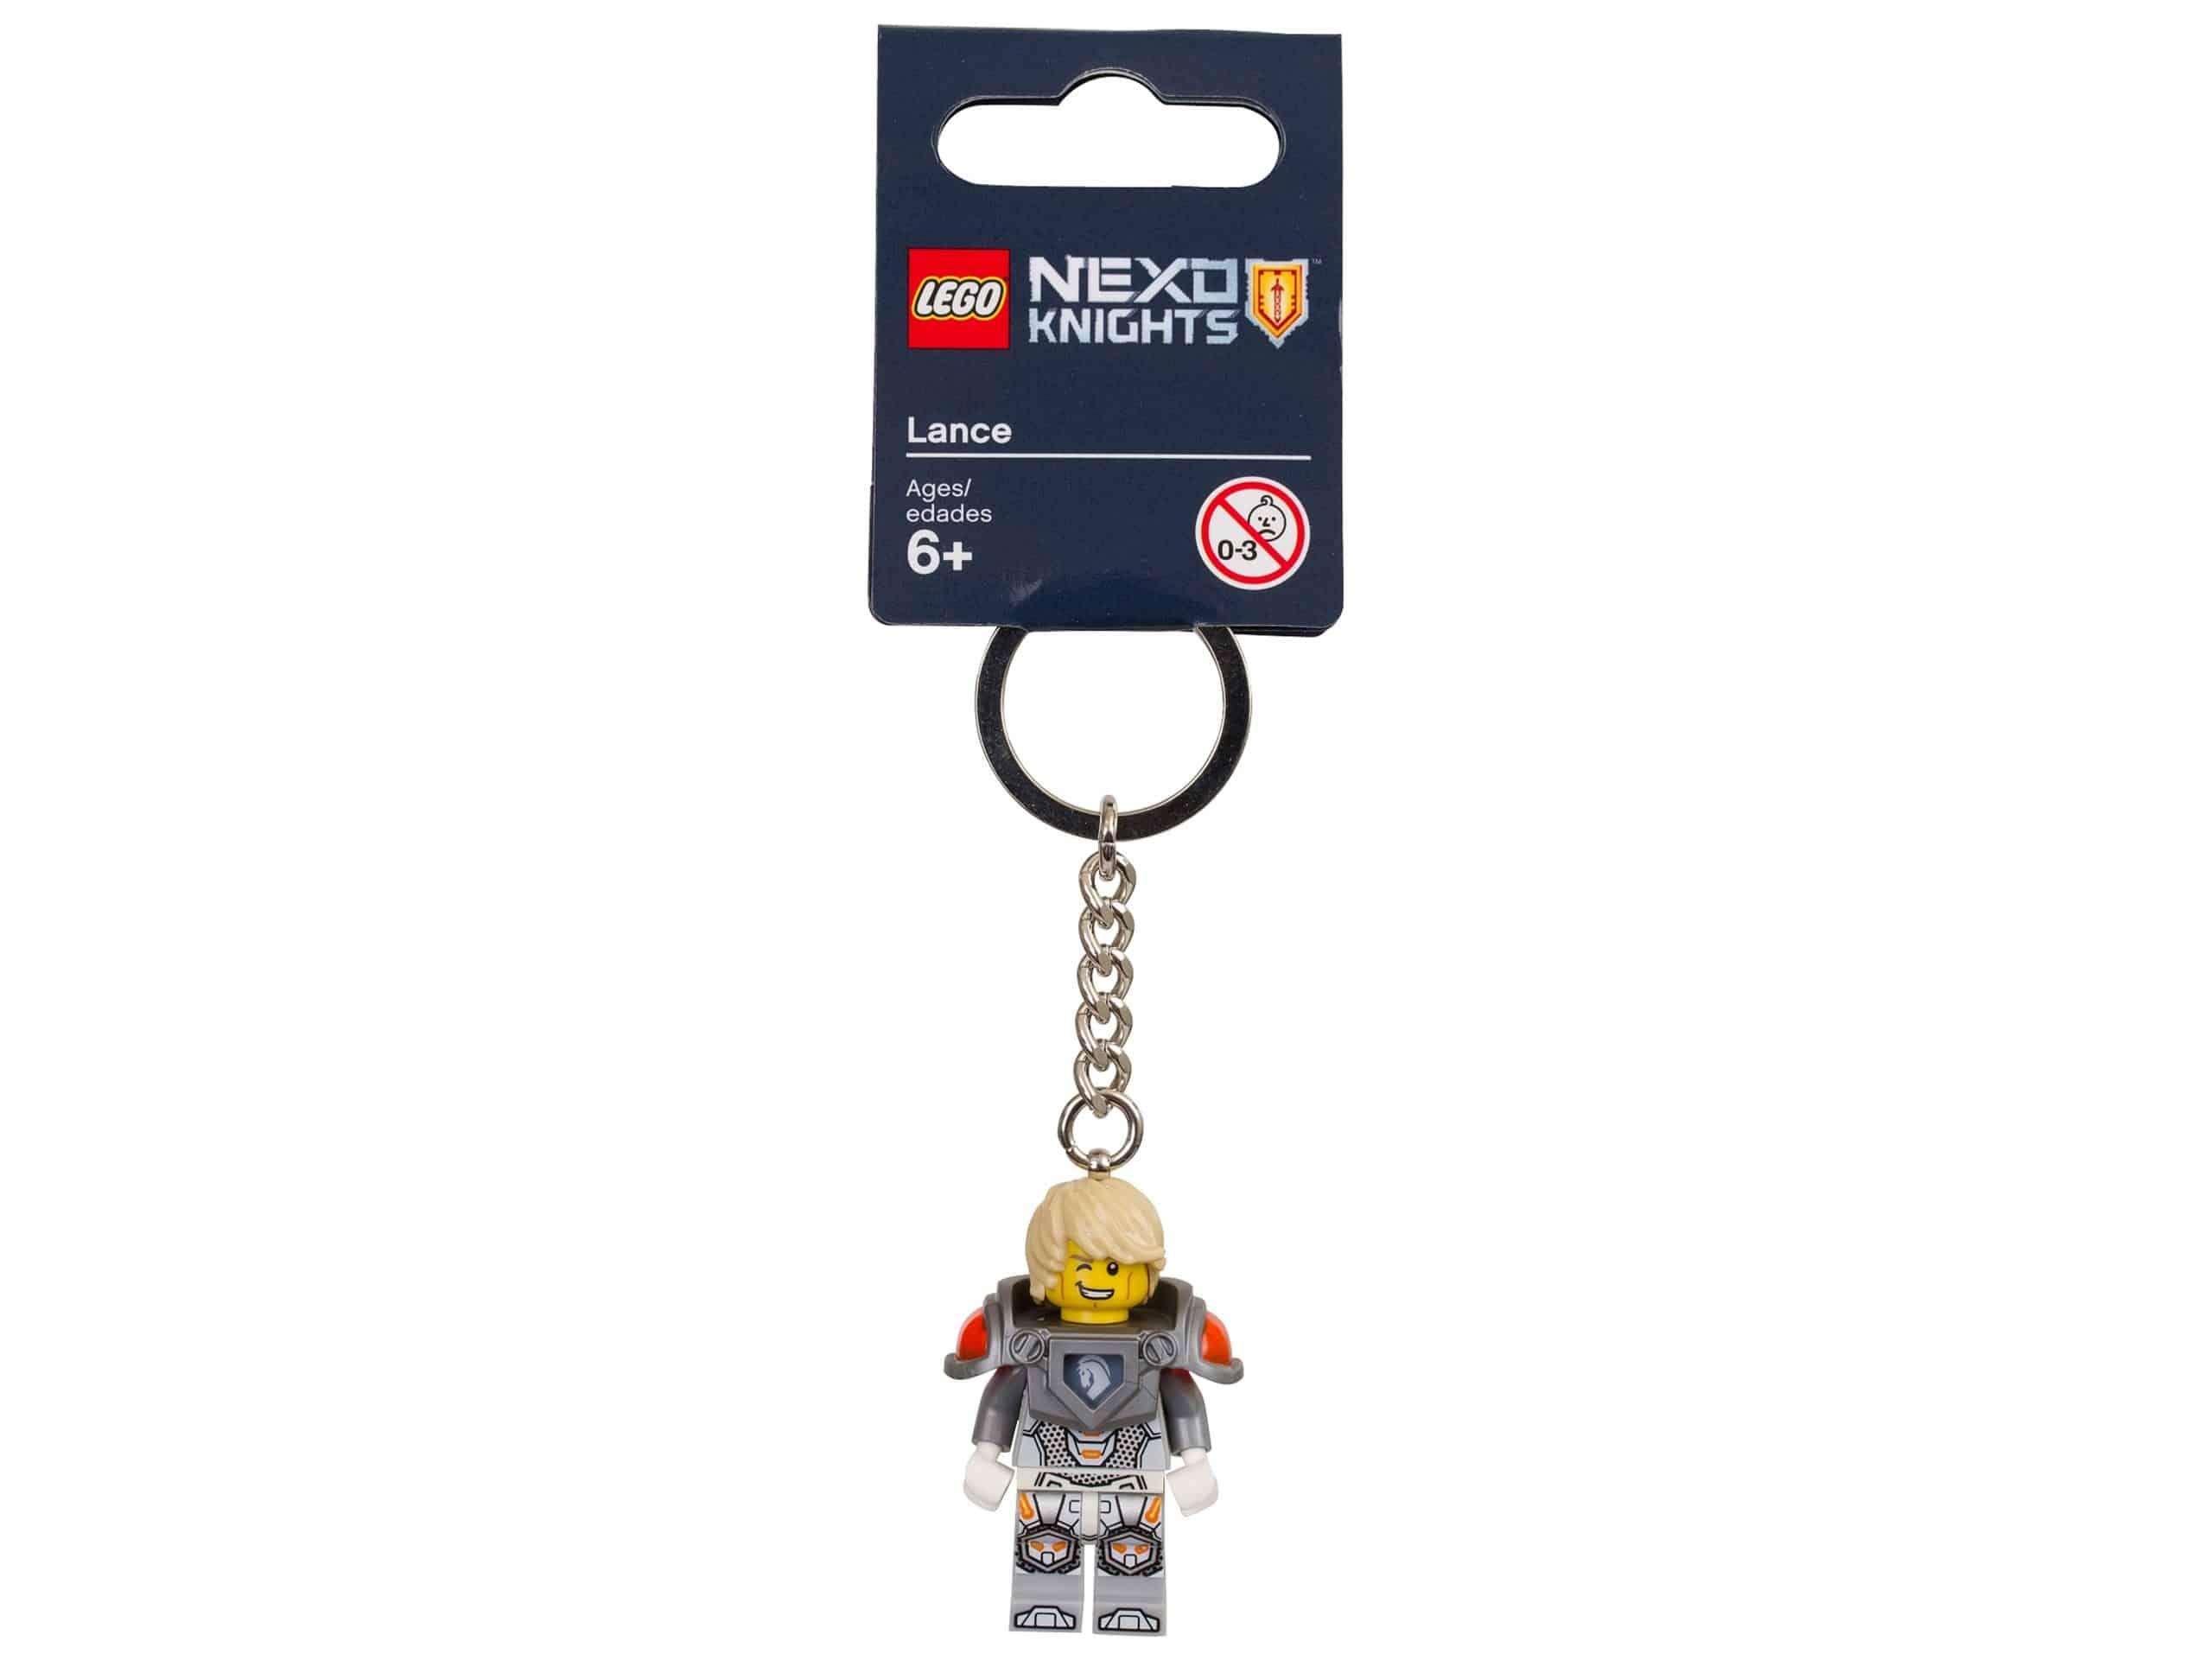 lego 853524 nexo knights lance noglering scaled